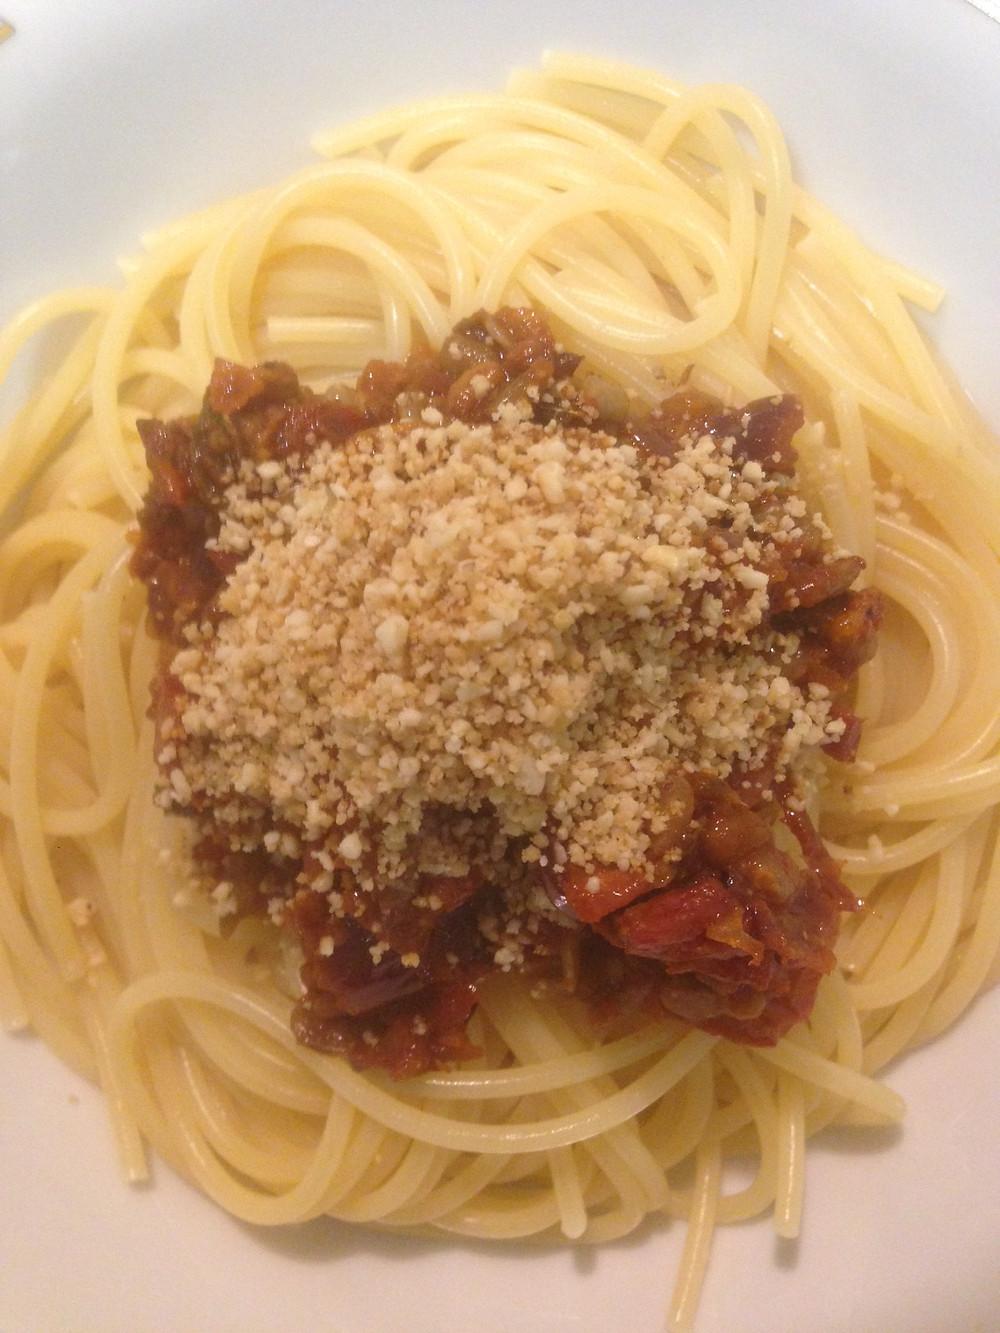 #vegane Bolognese #Spaghetti Bolo vegan #veganes Hack #Sonnenblumenkerne #Sonnenblumenhack #veganer Parmesan #pflanzlich